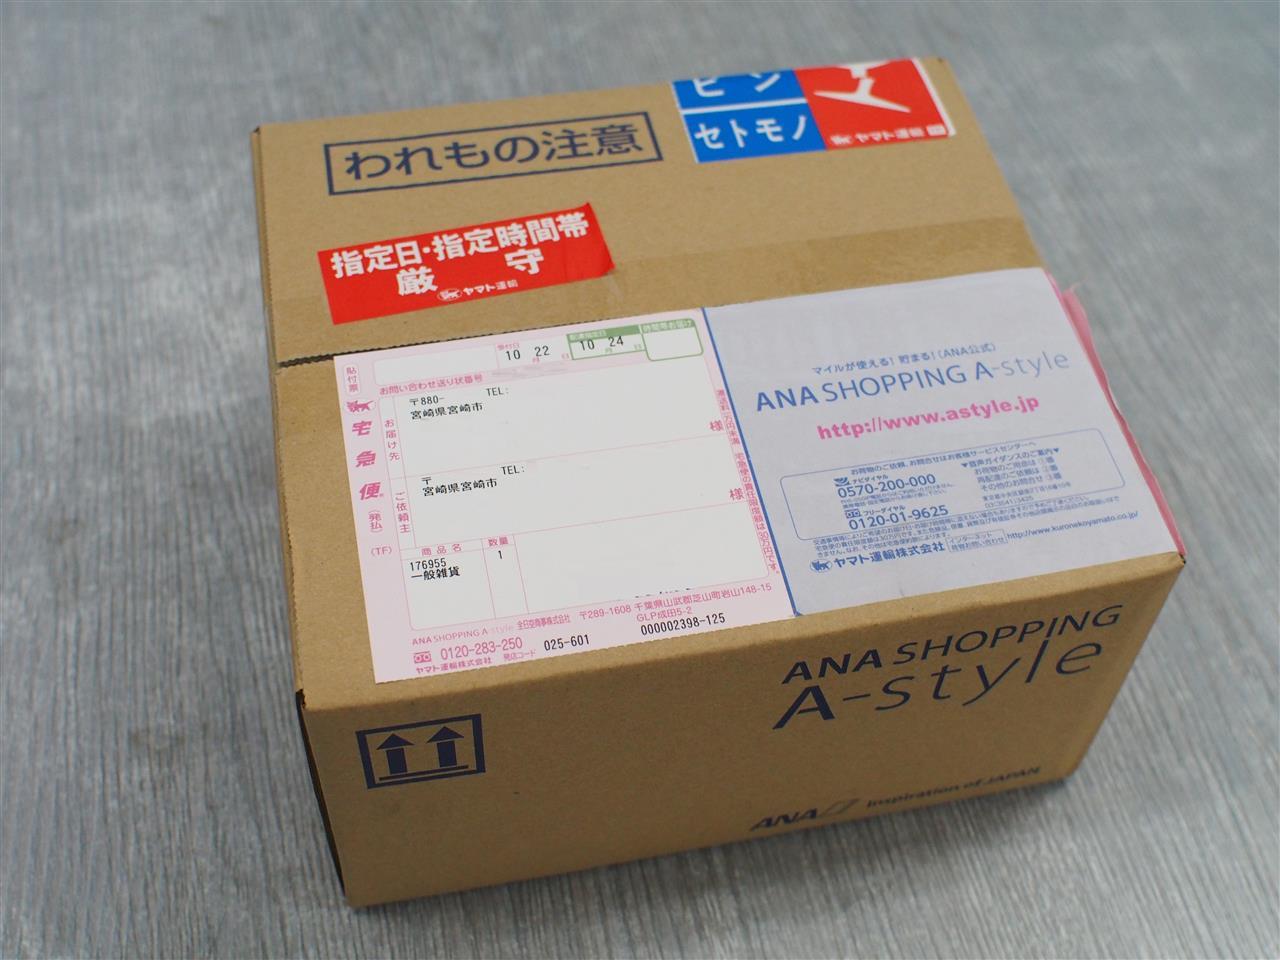 A-style ANAオリジナルマグカップ①